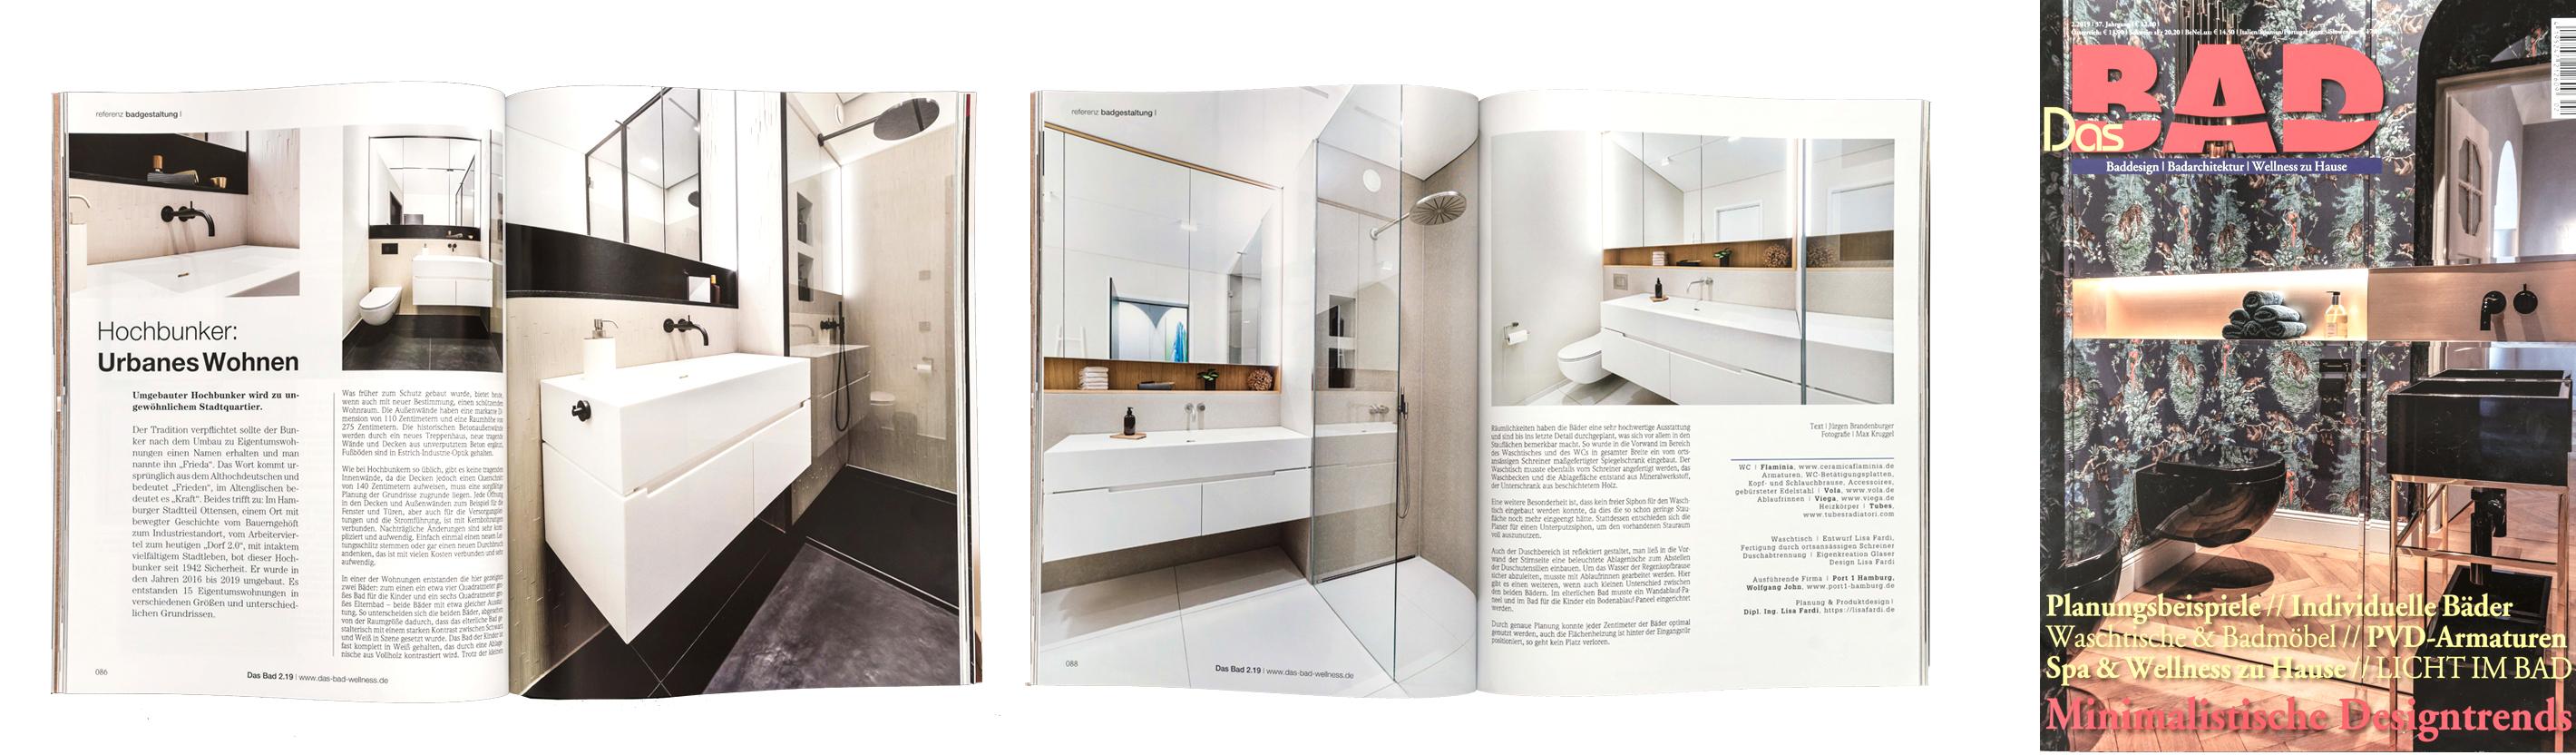 Artikel im Bad Magazin über die Innenarchitektur von Lisa Fardi